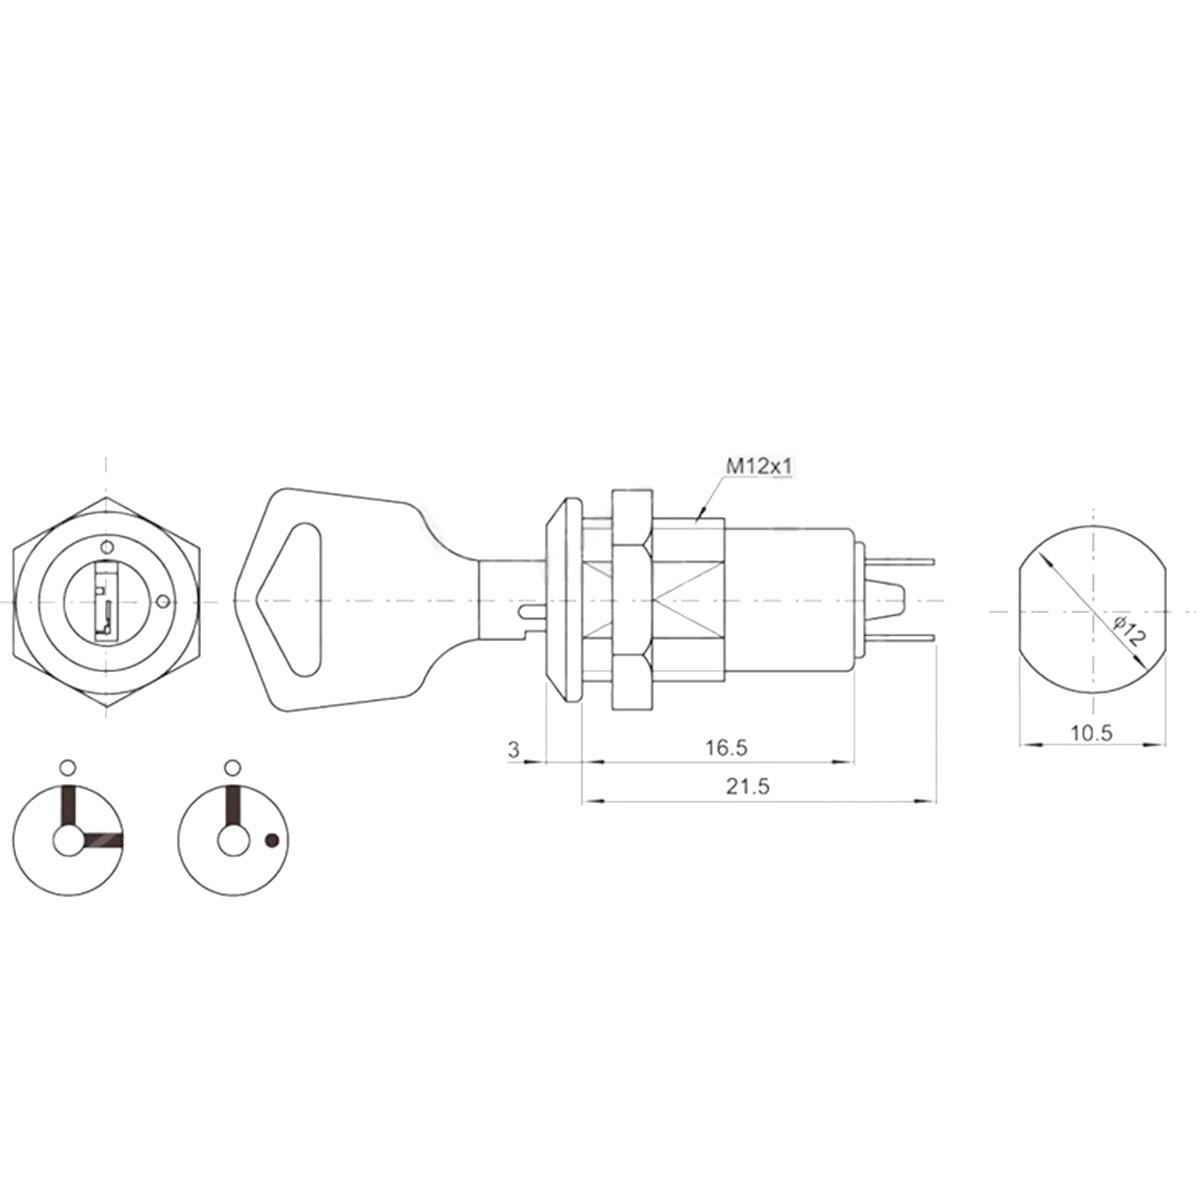 Botão Liga / Desliga com Chave | Botão para Comutação On Off através de Chave